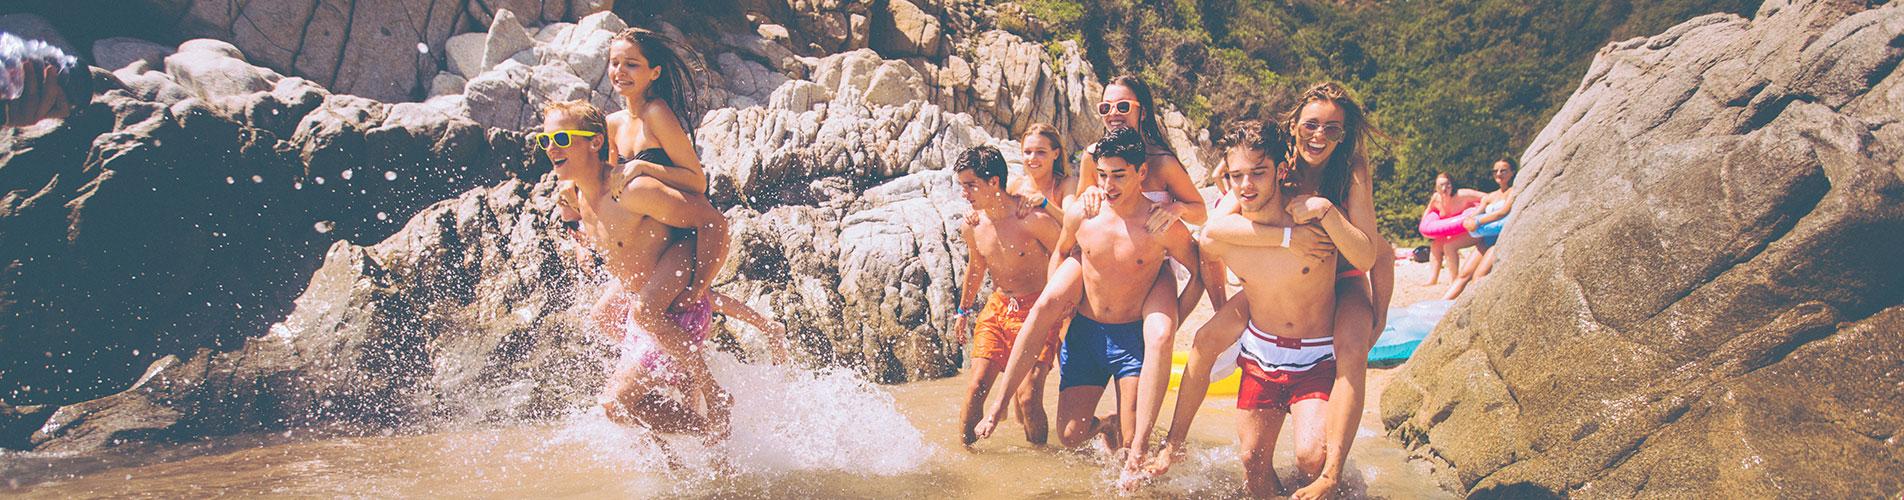 Jugendreisen & Partyreisen nach Spanien